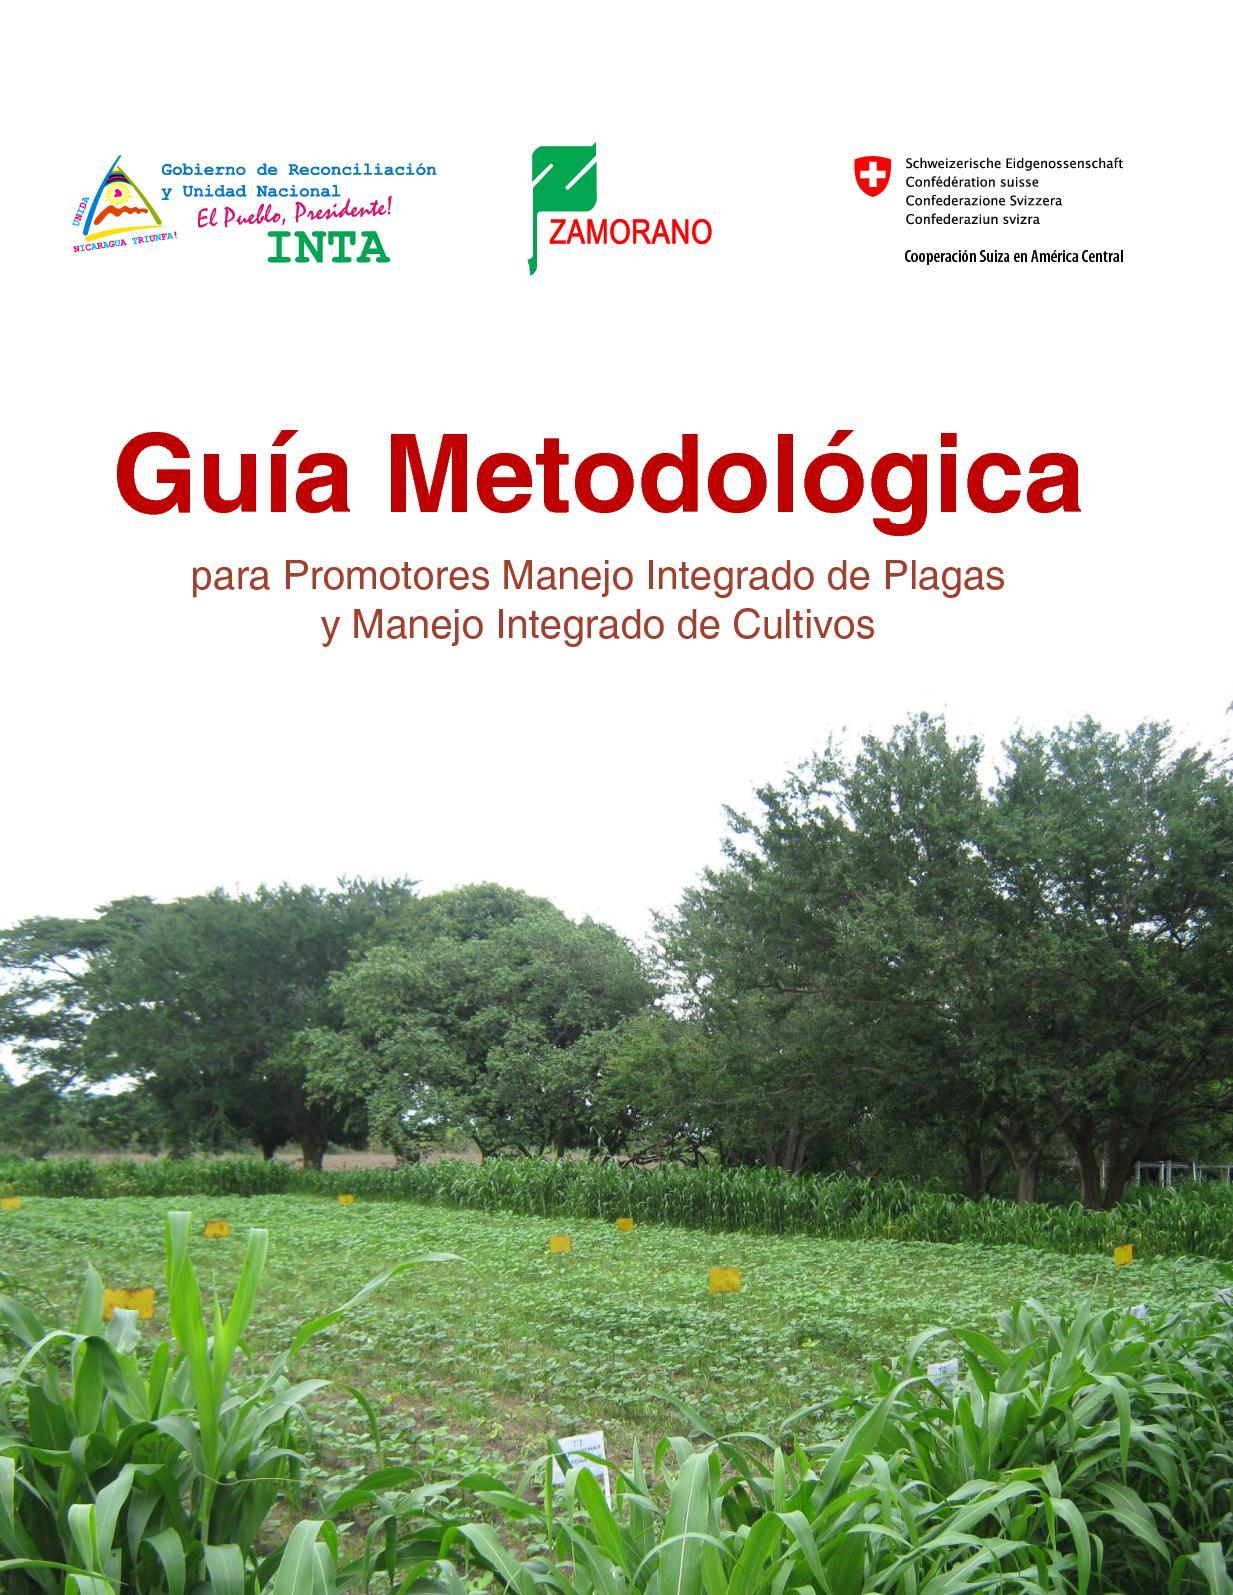 Guia Metodologica de Manejo Integrado de Plagas para Promotores